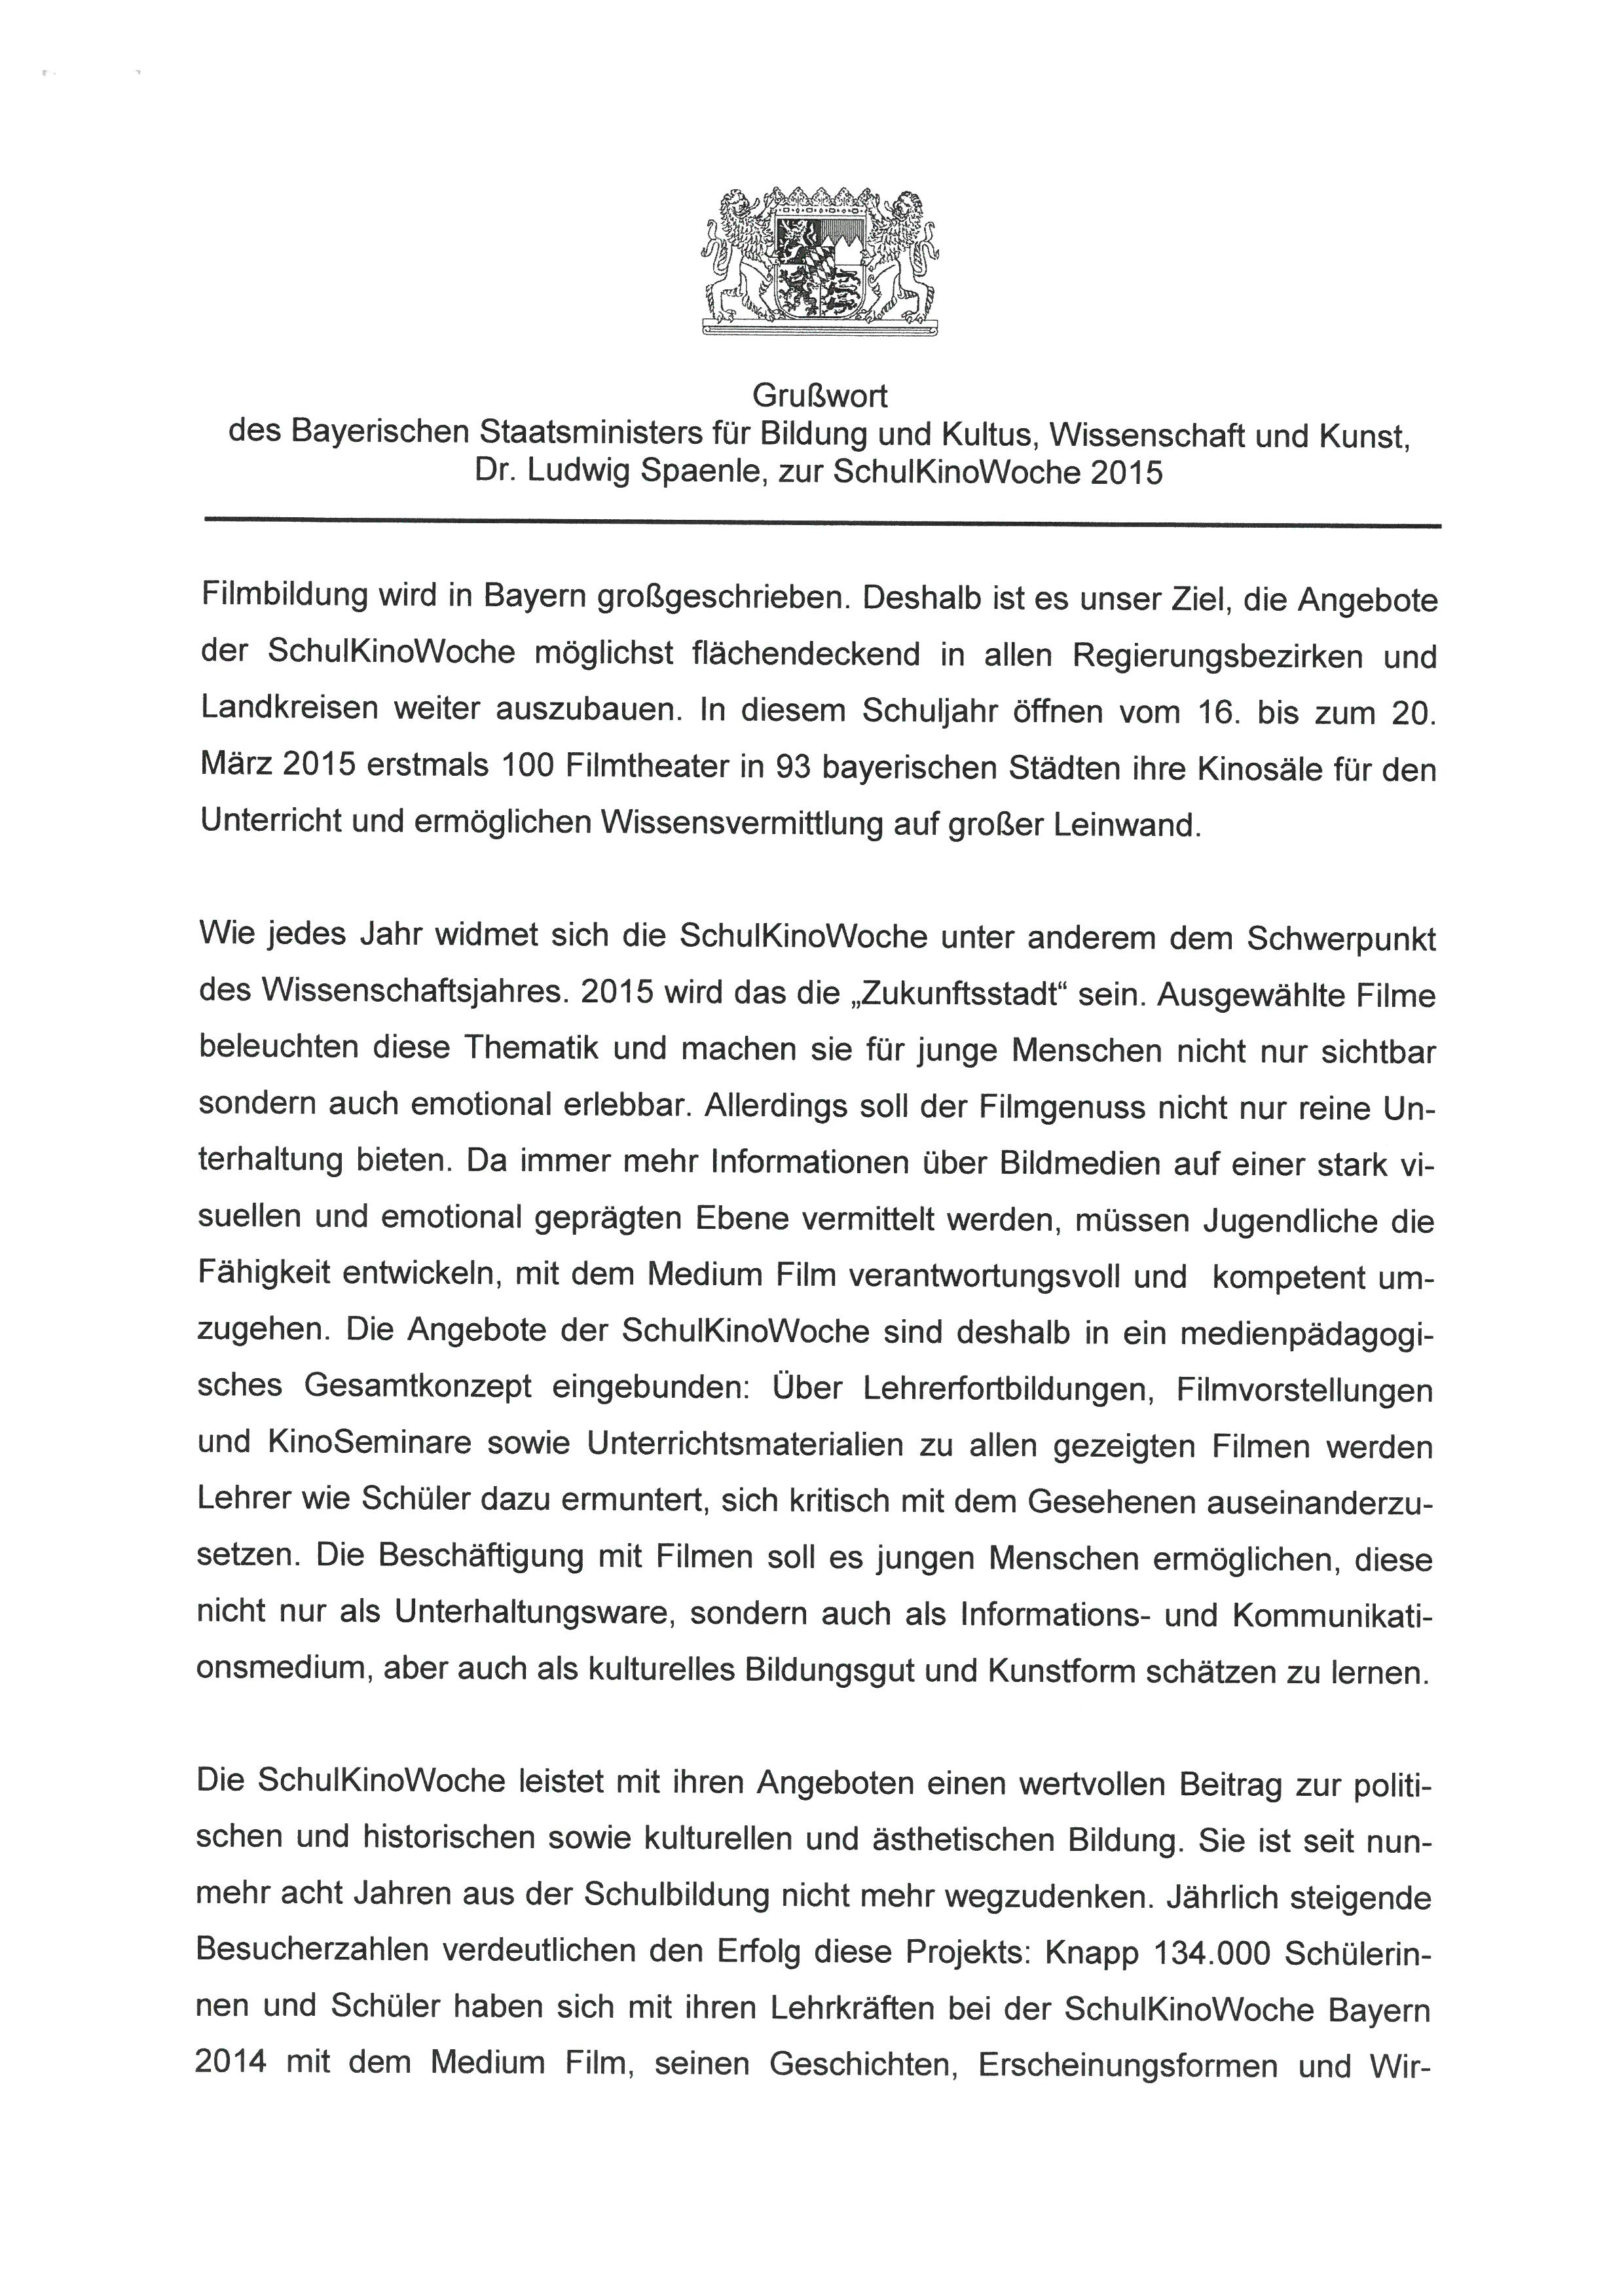 """... Anlage2: """"Grußwort 1"""" zum KMS vom 11.11.14 ..."""